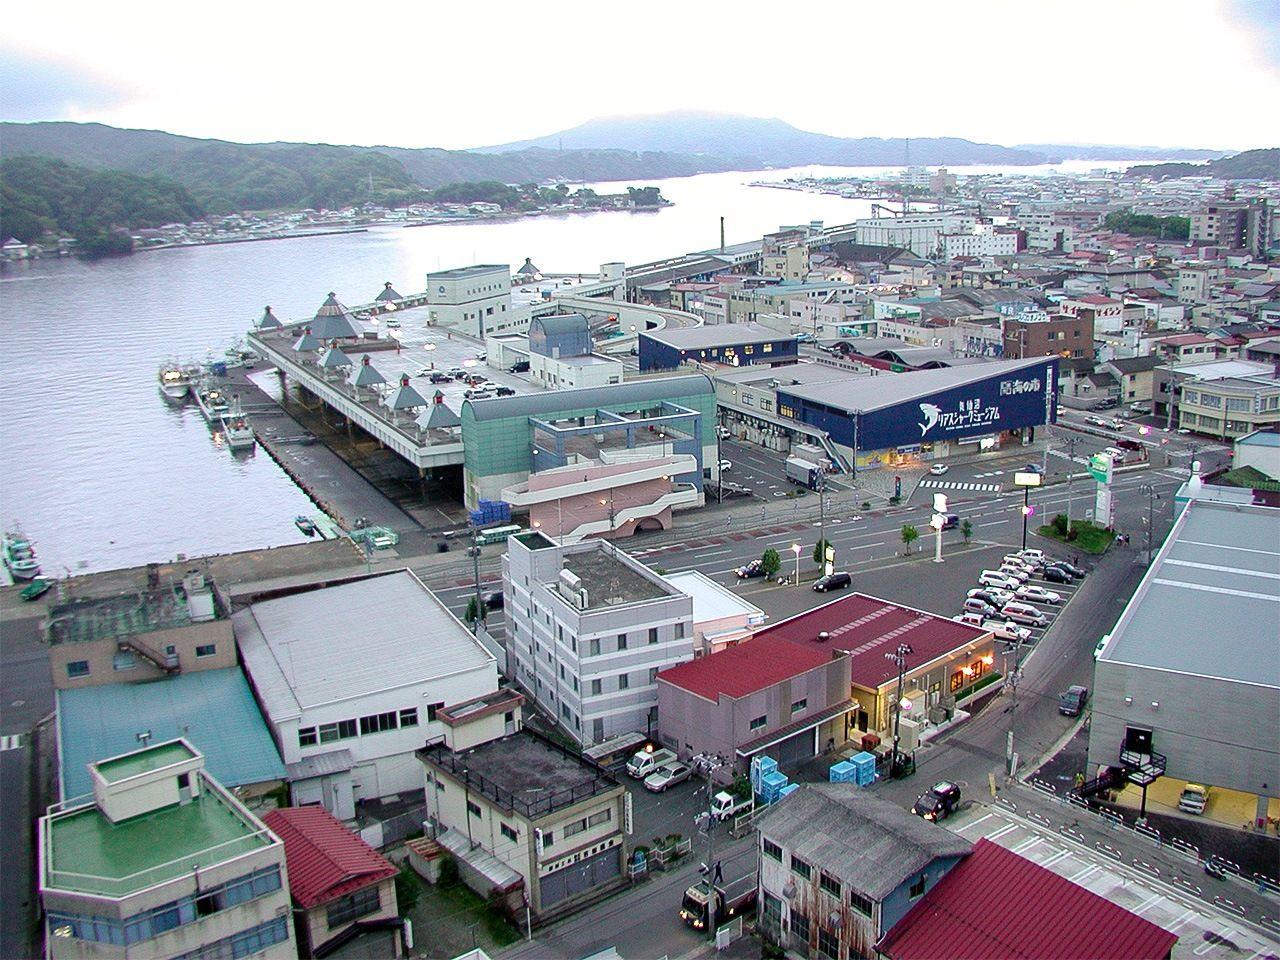 Район Минамикэсэннума до бедствия (расположен за дорогой в центре фотографии)